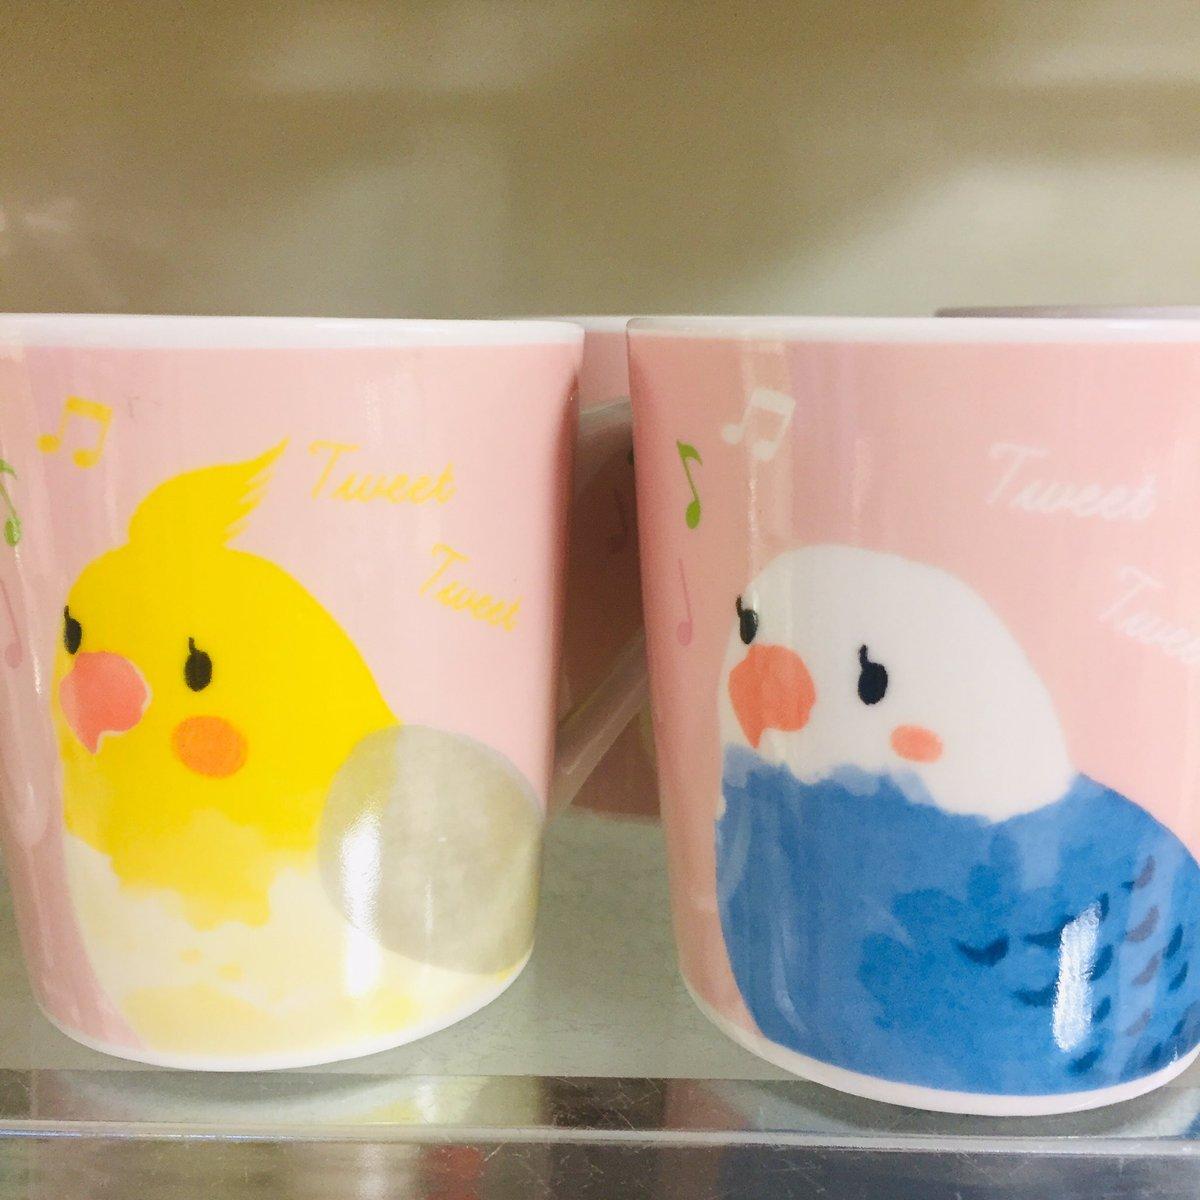 test ツイッターメディア - ダイソーでオカメインコちゃんとセキセイインコちゃんのマグカップ見つけました!! 100円でこのクオリティすごい。もちろん両方、オトナ買い?(*´∀`*)人(*´∀`*)?  #DAISO #インコグッズ #オカメインコ #セキセイインコ https://t.co/yHFLIedYJY